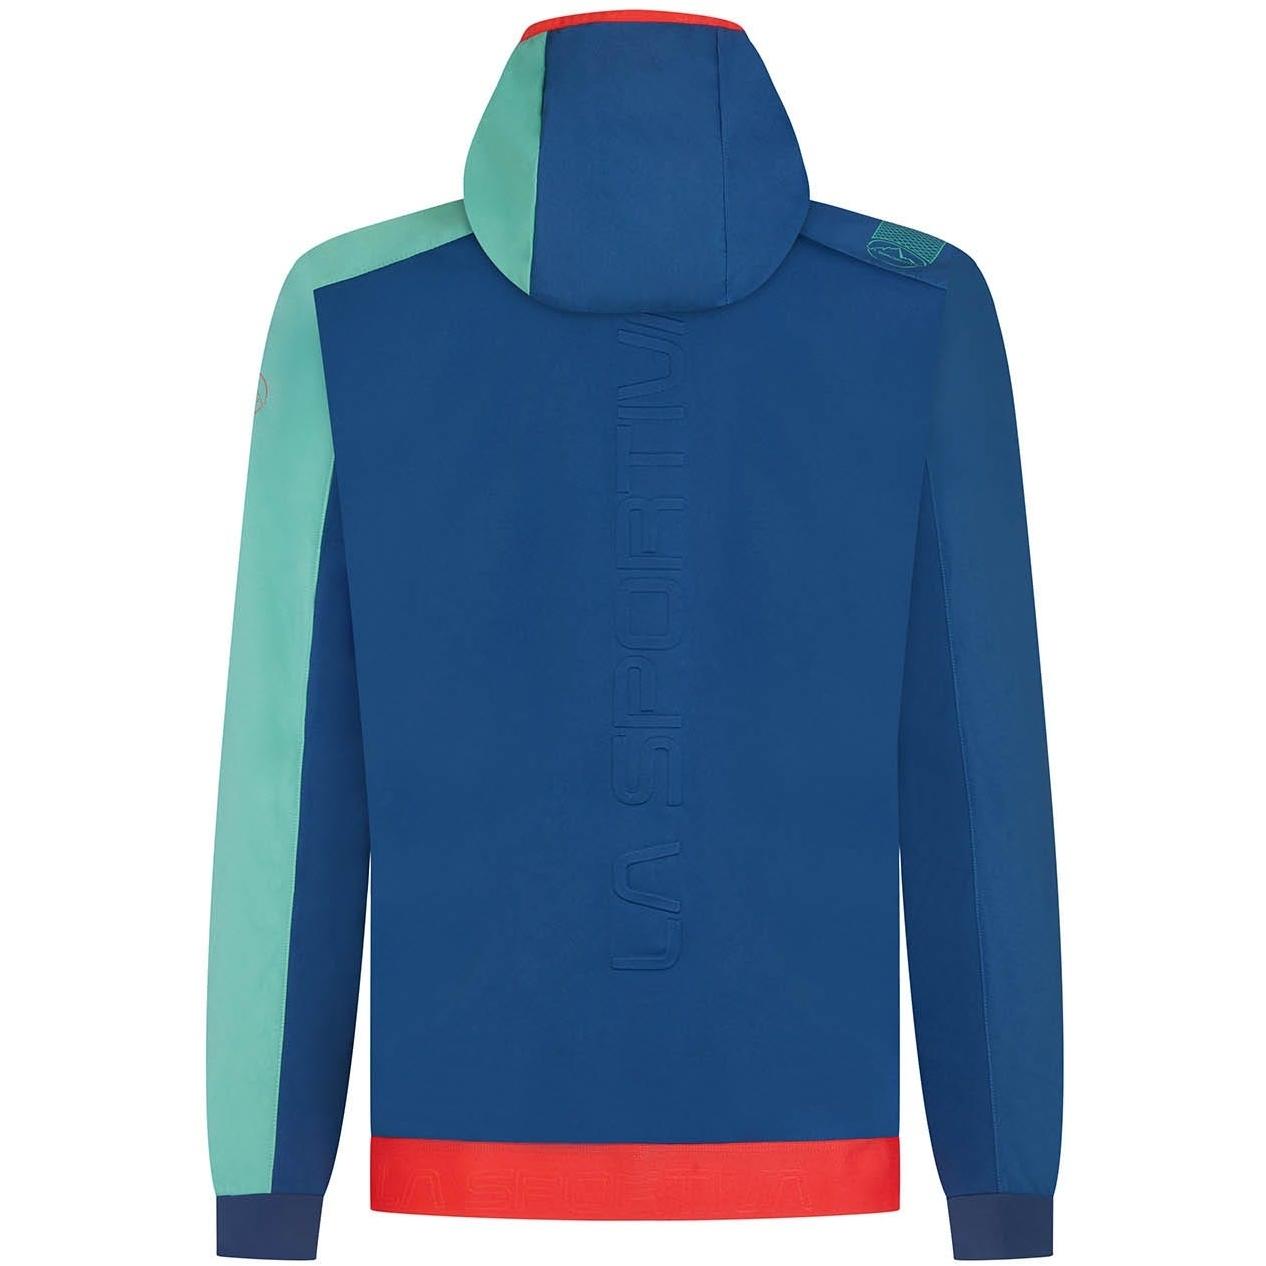 Image of La Sportiva Macnas Hoody Jacket - Opal/Grass Green